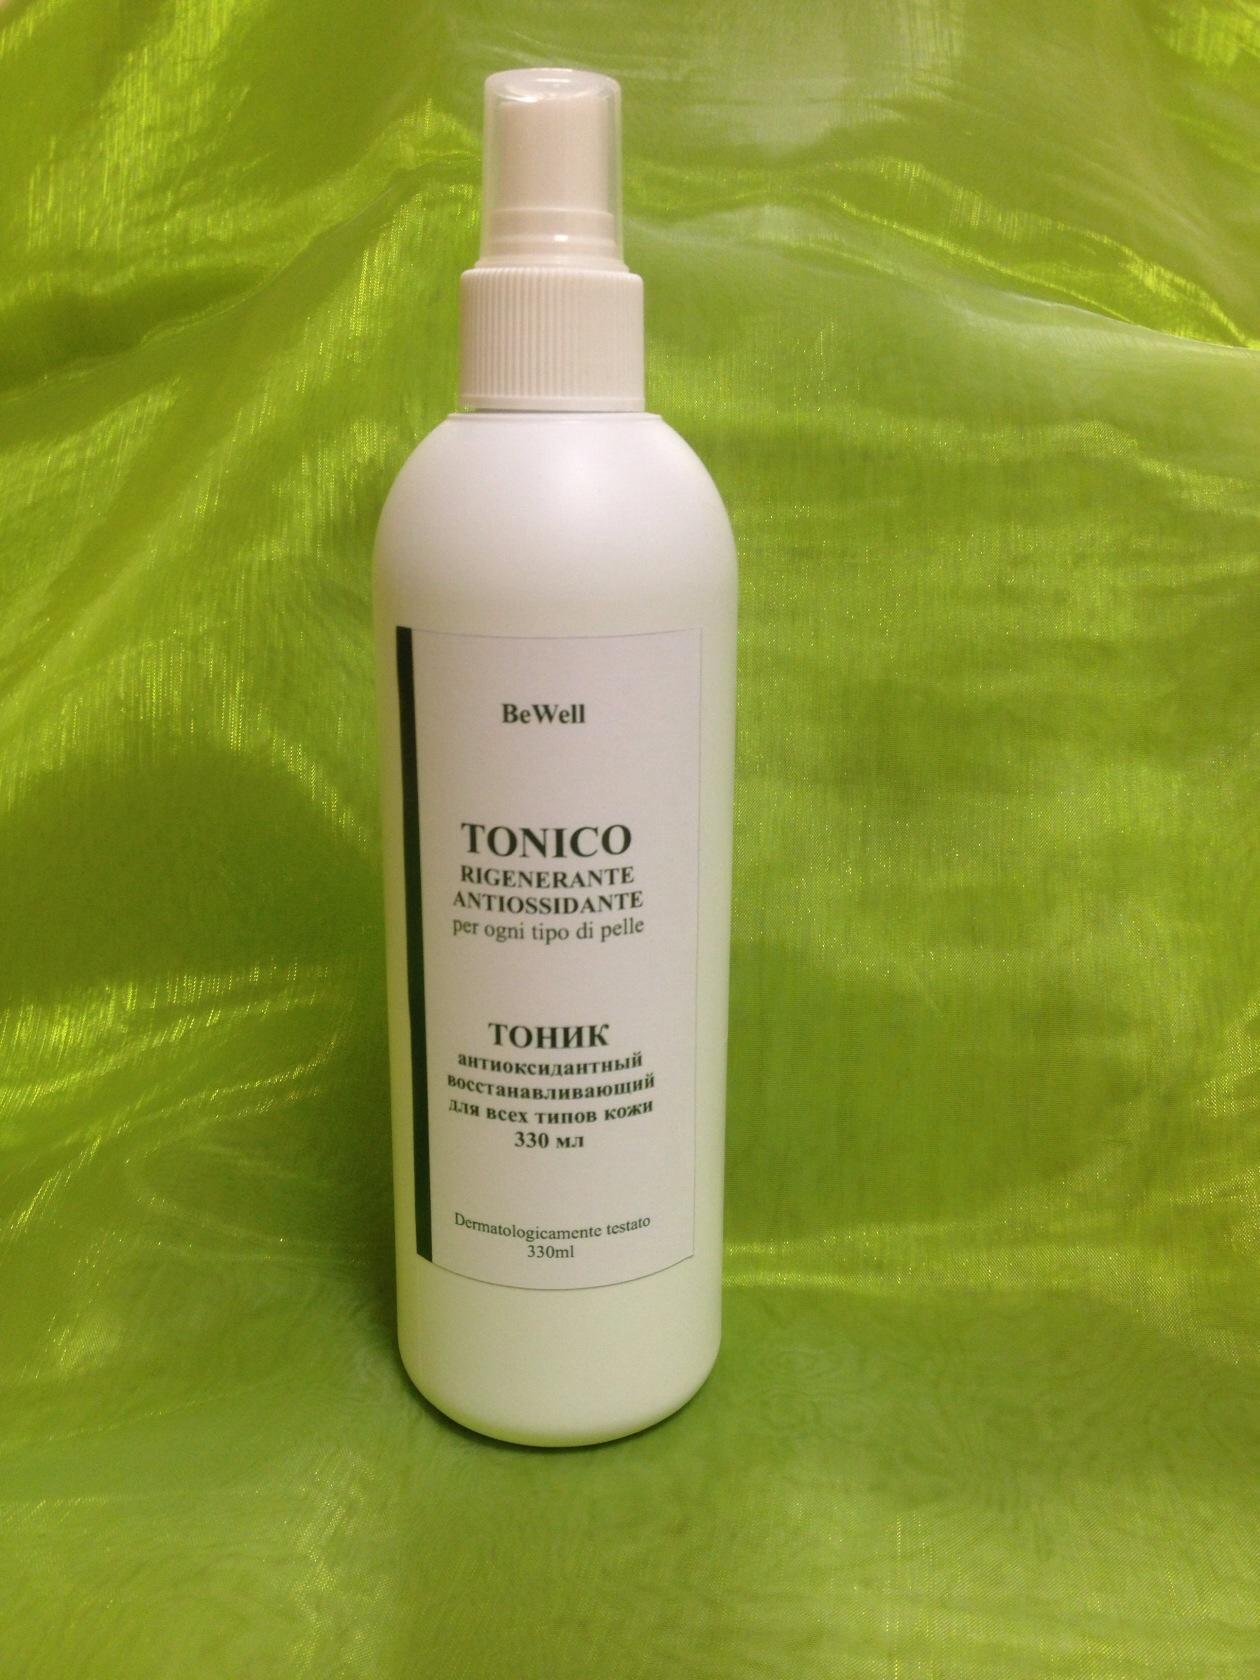 HORTUS FRATRIS Тоник антиоксидантный восстанавливающий для всех типов кожи 330млТоники<br>Предназначен для профессионального и домашнего ухода за сухой, обезвоженной и склонной к куперозу кожей. Тонизирует, стимулирует кровообращение, укрепляет стенки сосудов, способствует обновлению клеток, замедляет процессы старения. Обладает противовоспалительным, дезинфицирующим действием. Также рекомендуется для проблемной кожи и кожи, склонной к куперозу. Активные ингредиенты: кофеин, д-пантенол, мочевина, хвощ, одуванчик, фукус, зеленый чай, каркаде Способ применения: нанести небольшое количество тоника на кожу, легко похлопать пальцами по коже для усиления воздействия средства.<br><br>Объем: 330 мл<br>Вид средства для лица: Восстанавливающий<br>Класс косметики: Профессиональная<br>Назначение: Купероз